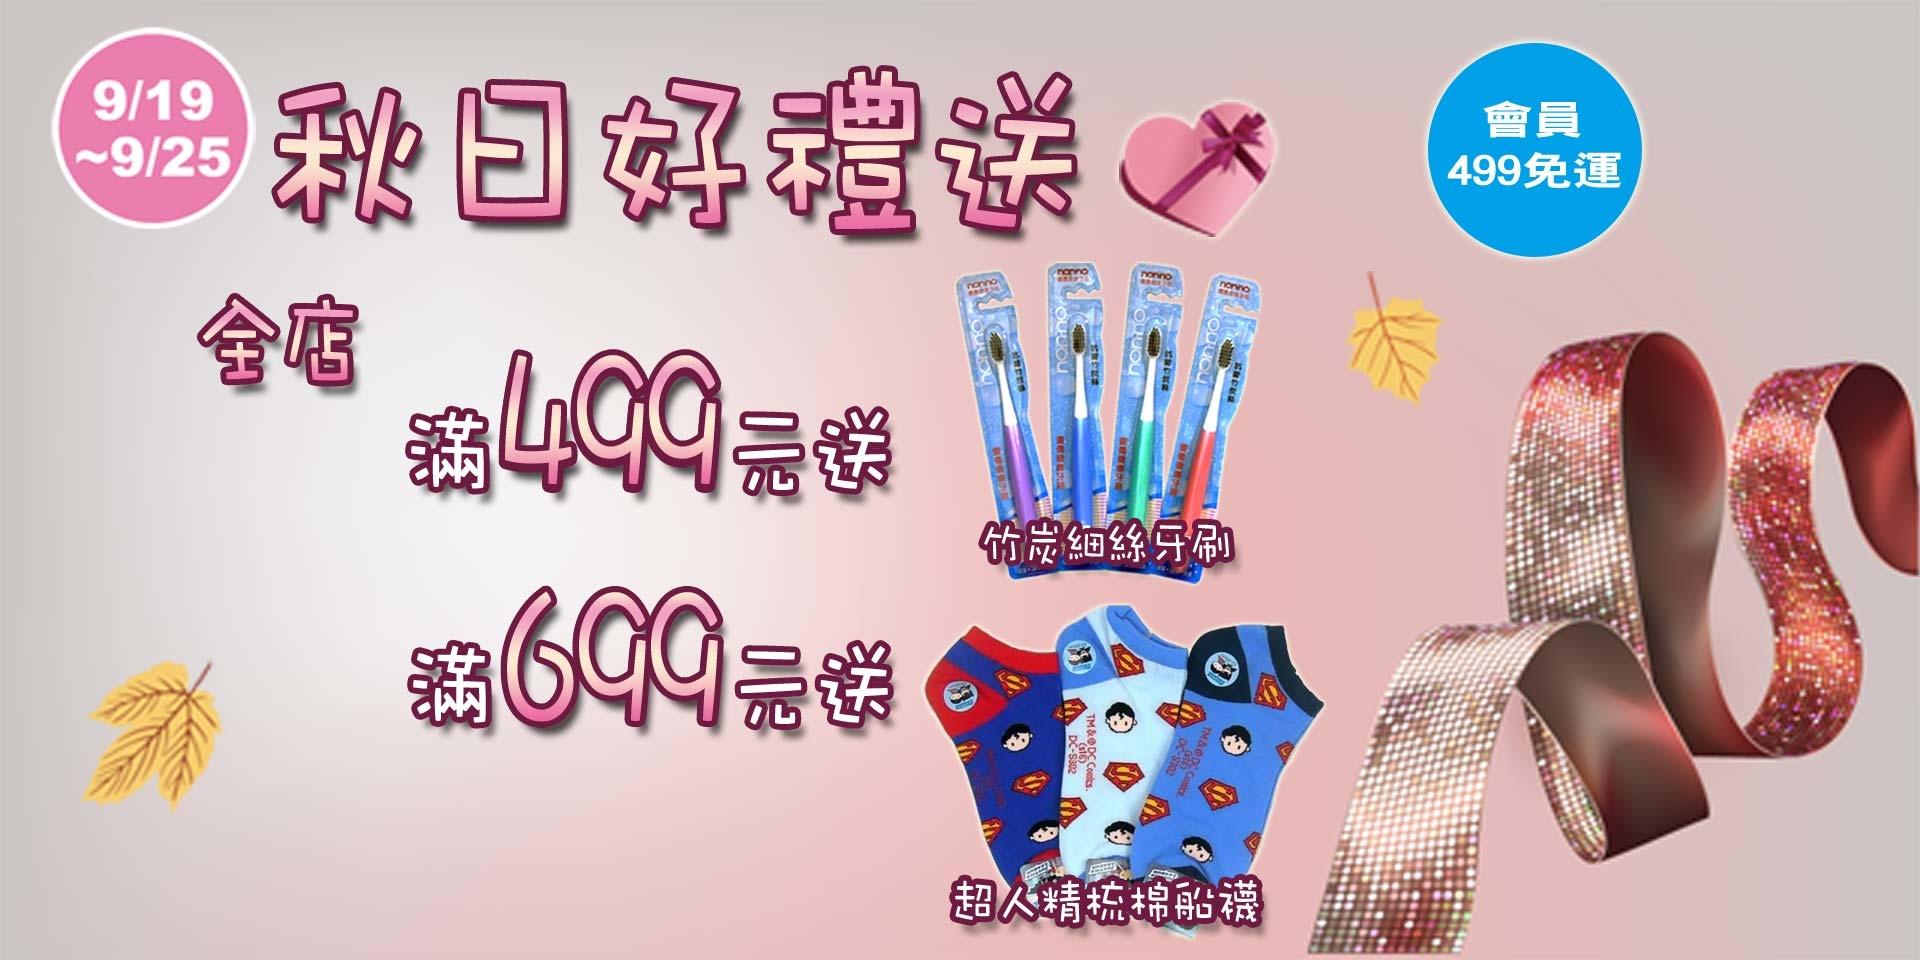 秋季慶~會員滿499元送竹炭牙刷、滿699送超人精梳棉船襪!會員滿499免運!